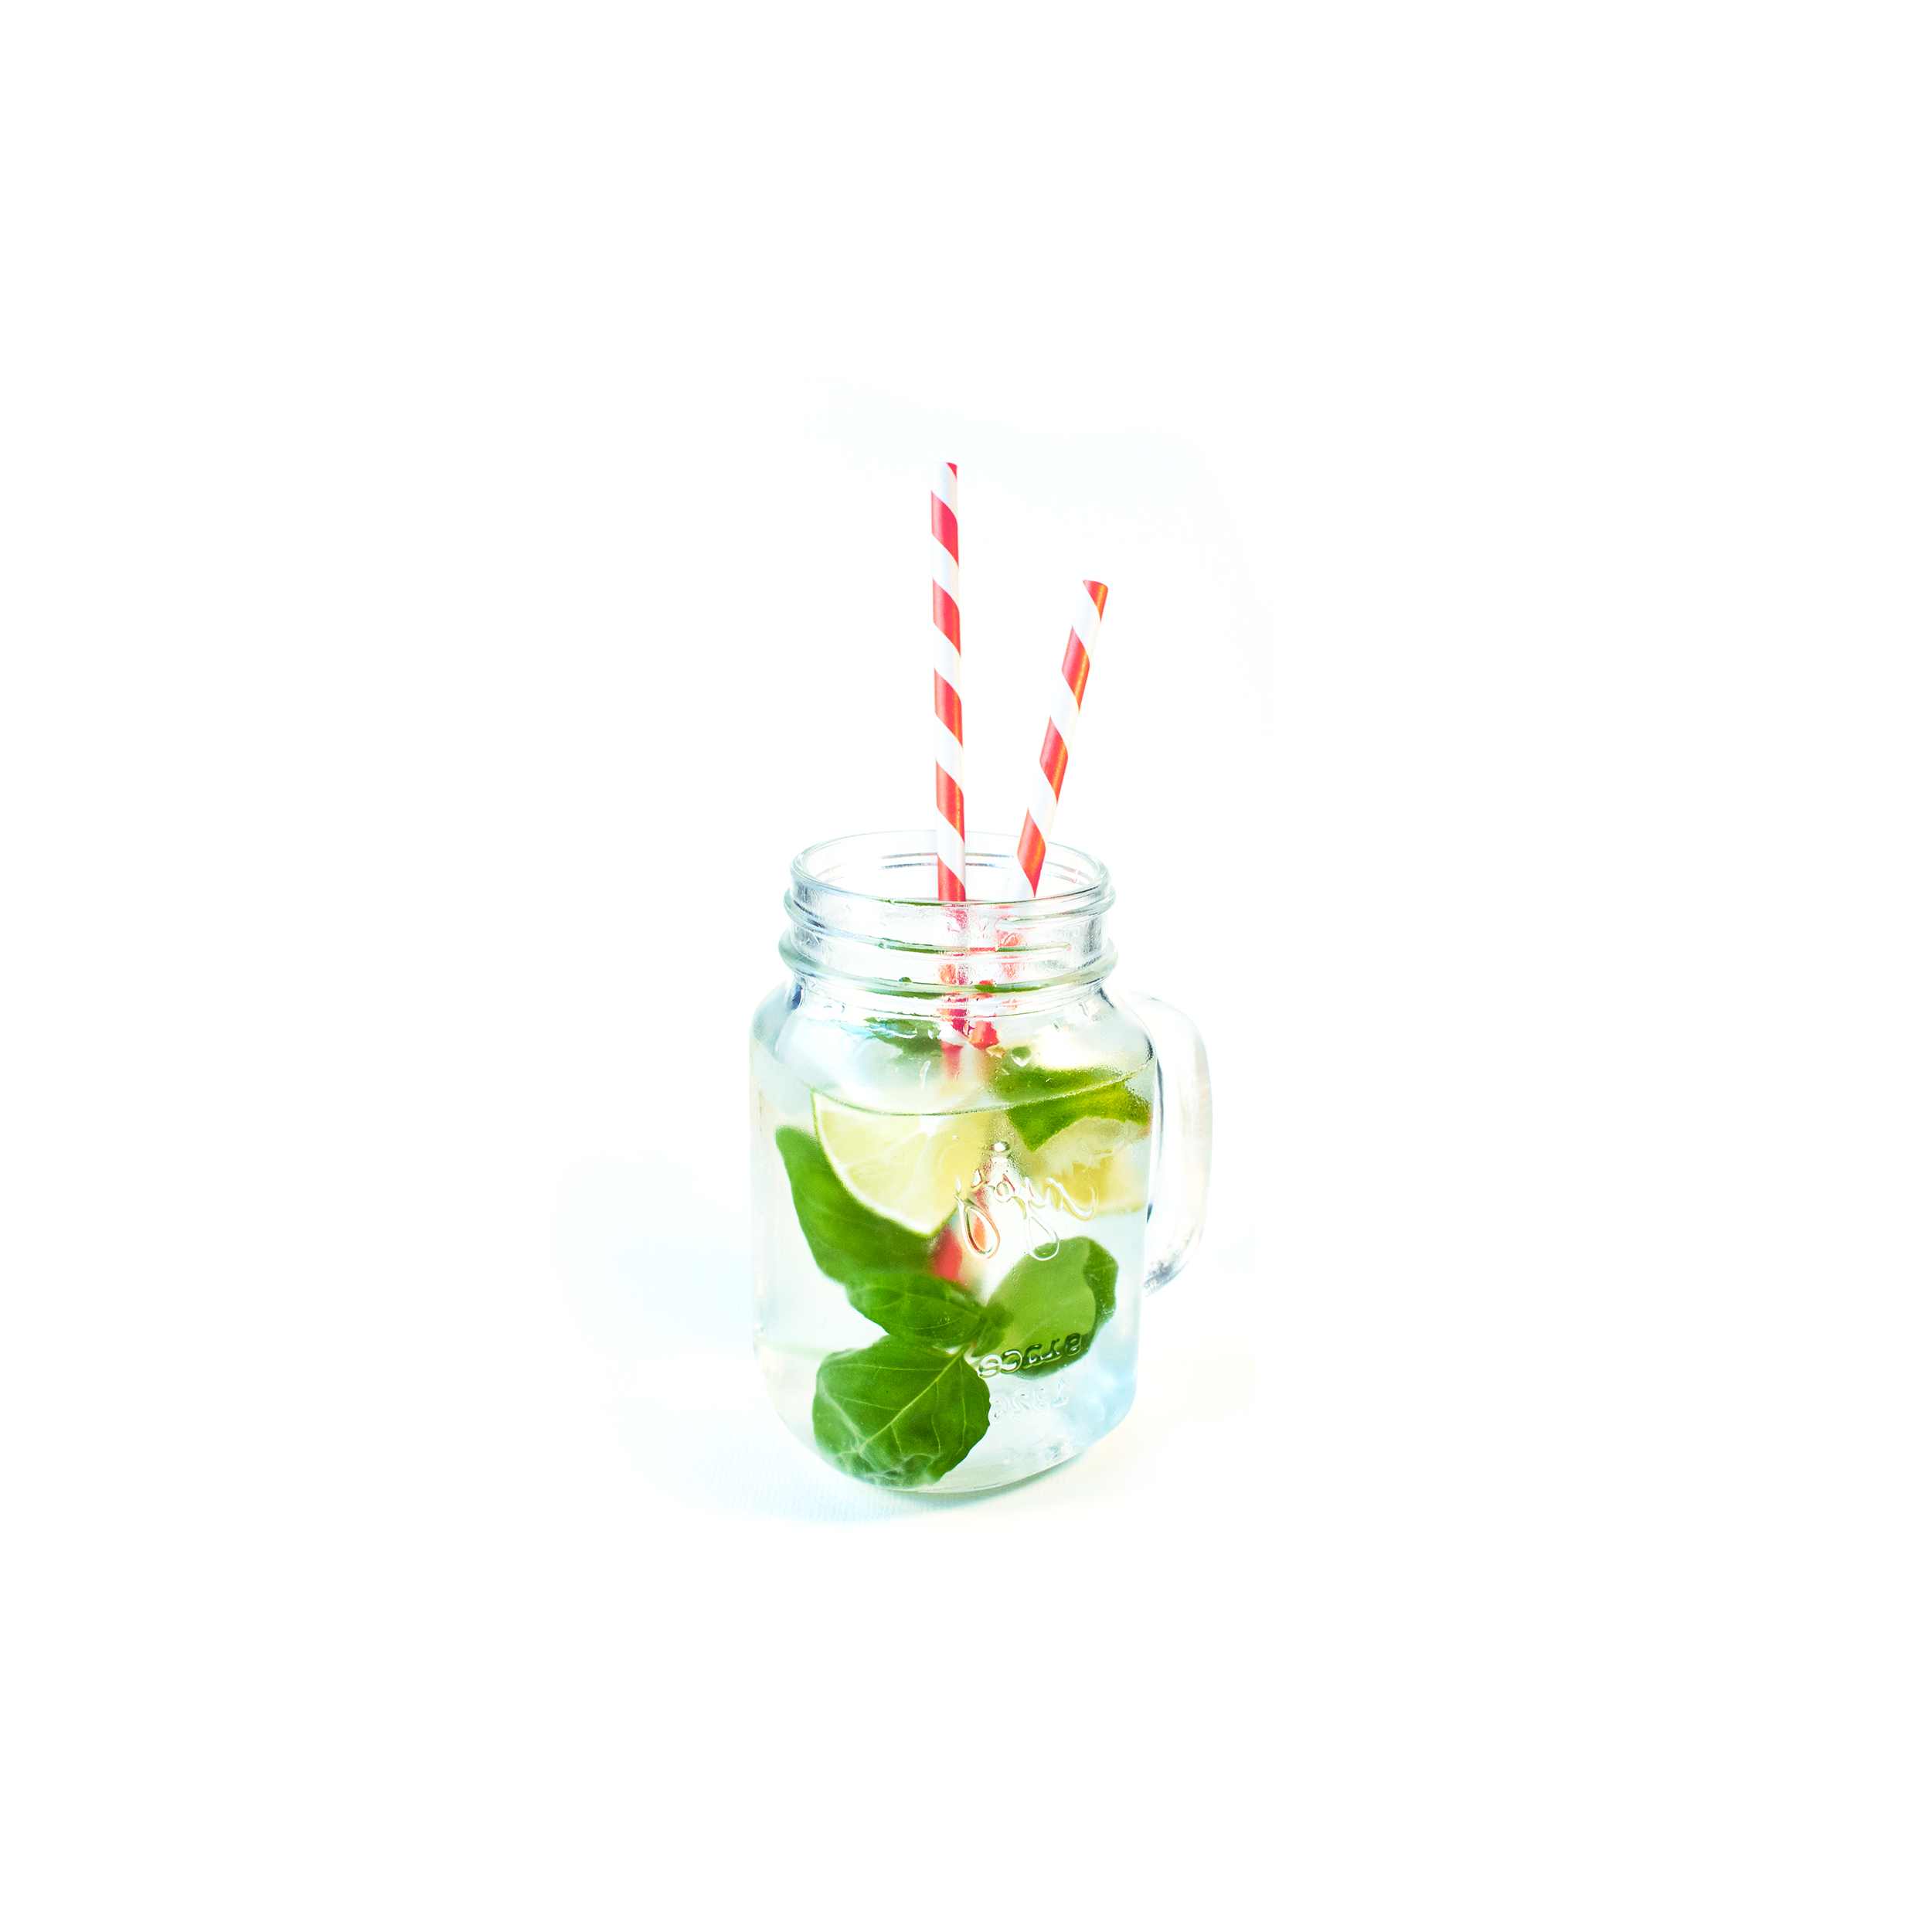 MUNDART Sirup, Rezept für zischende Limo